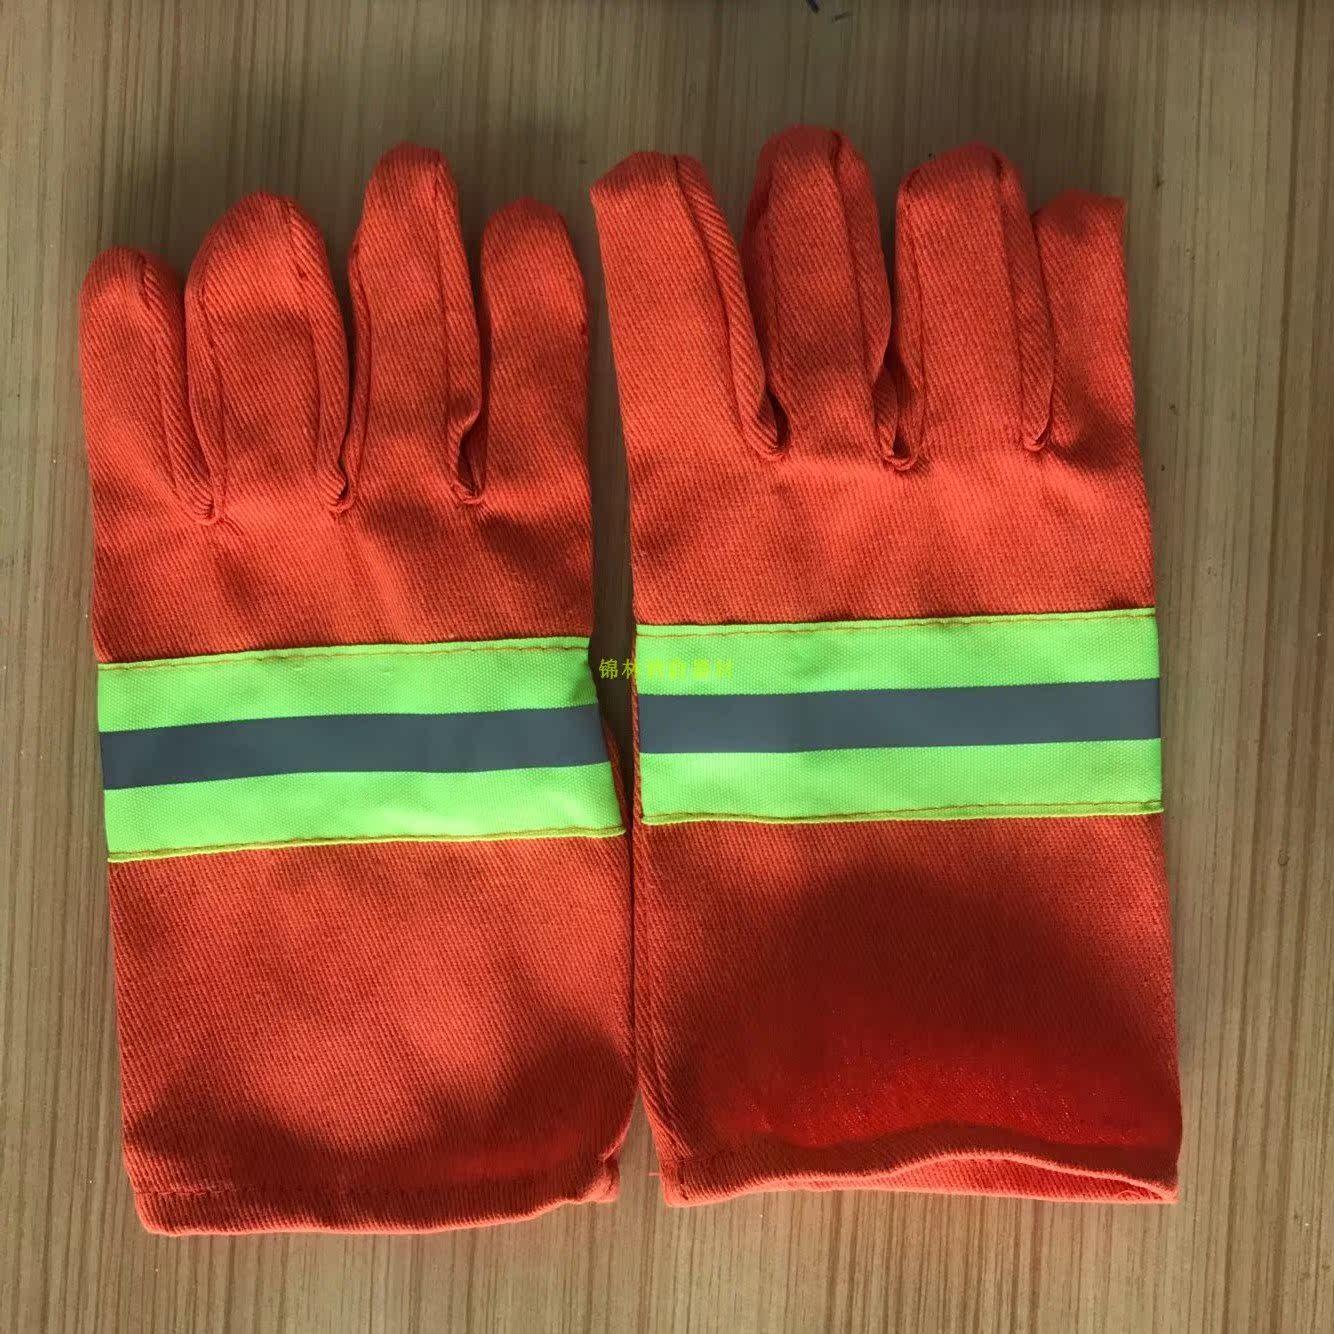 2019新款消防防护手套阻燃97款消防防滑防火带胶手套消防救援隔。